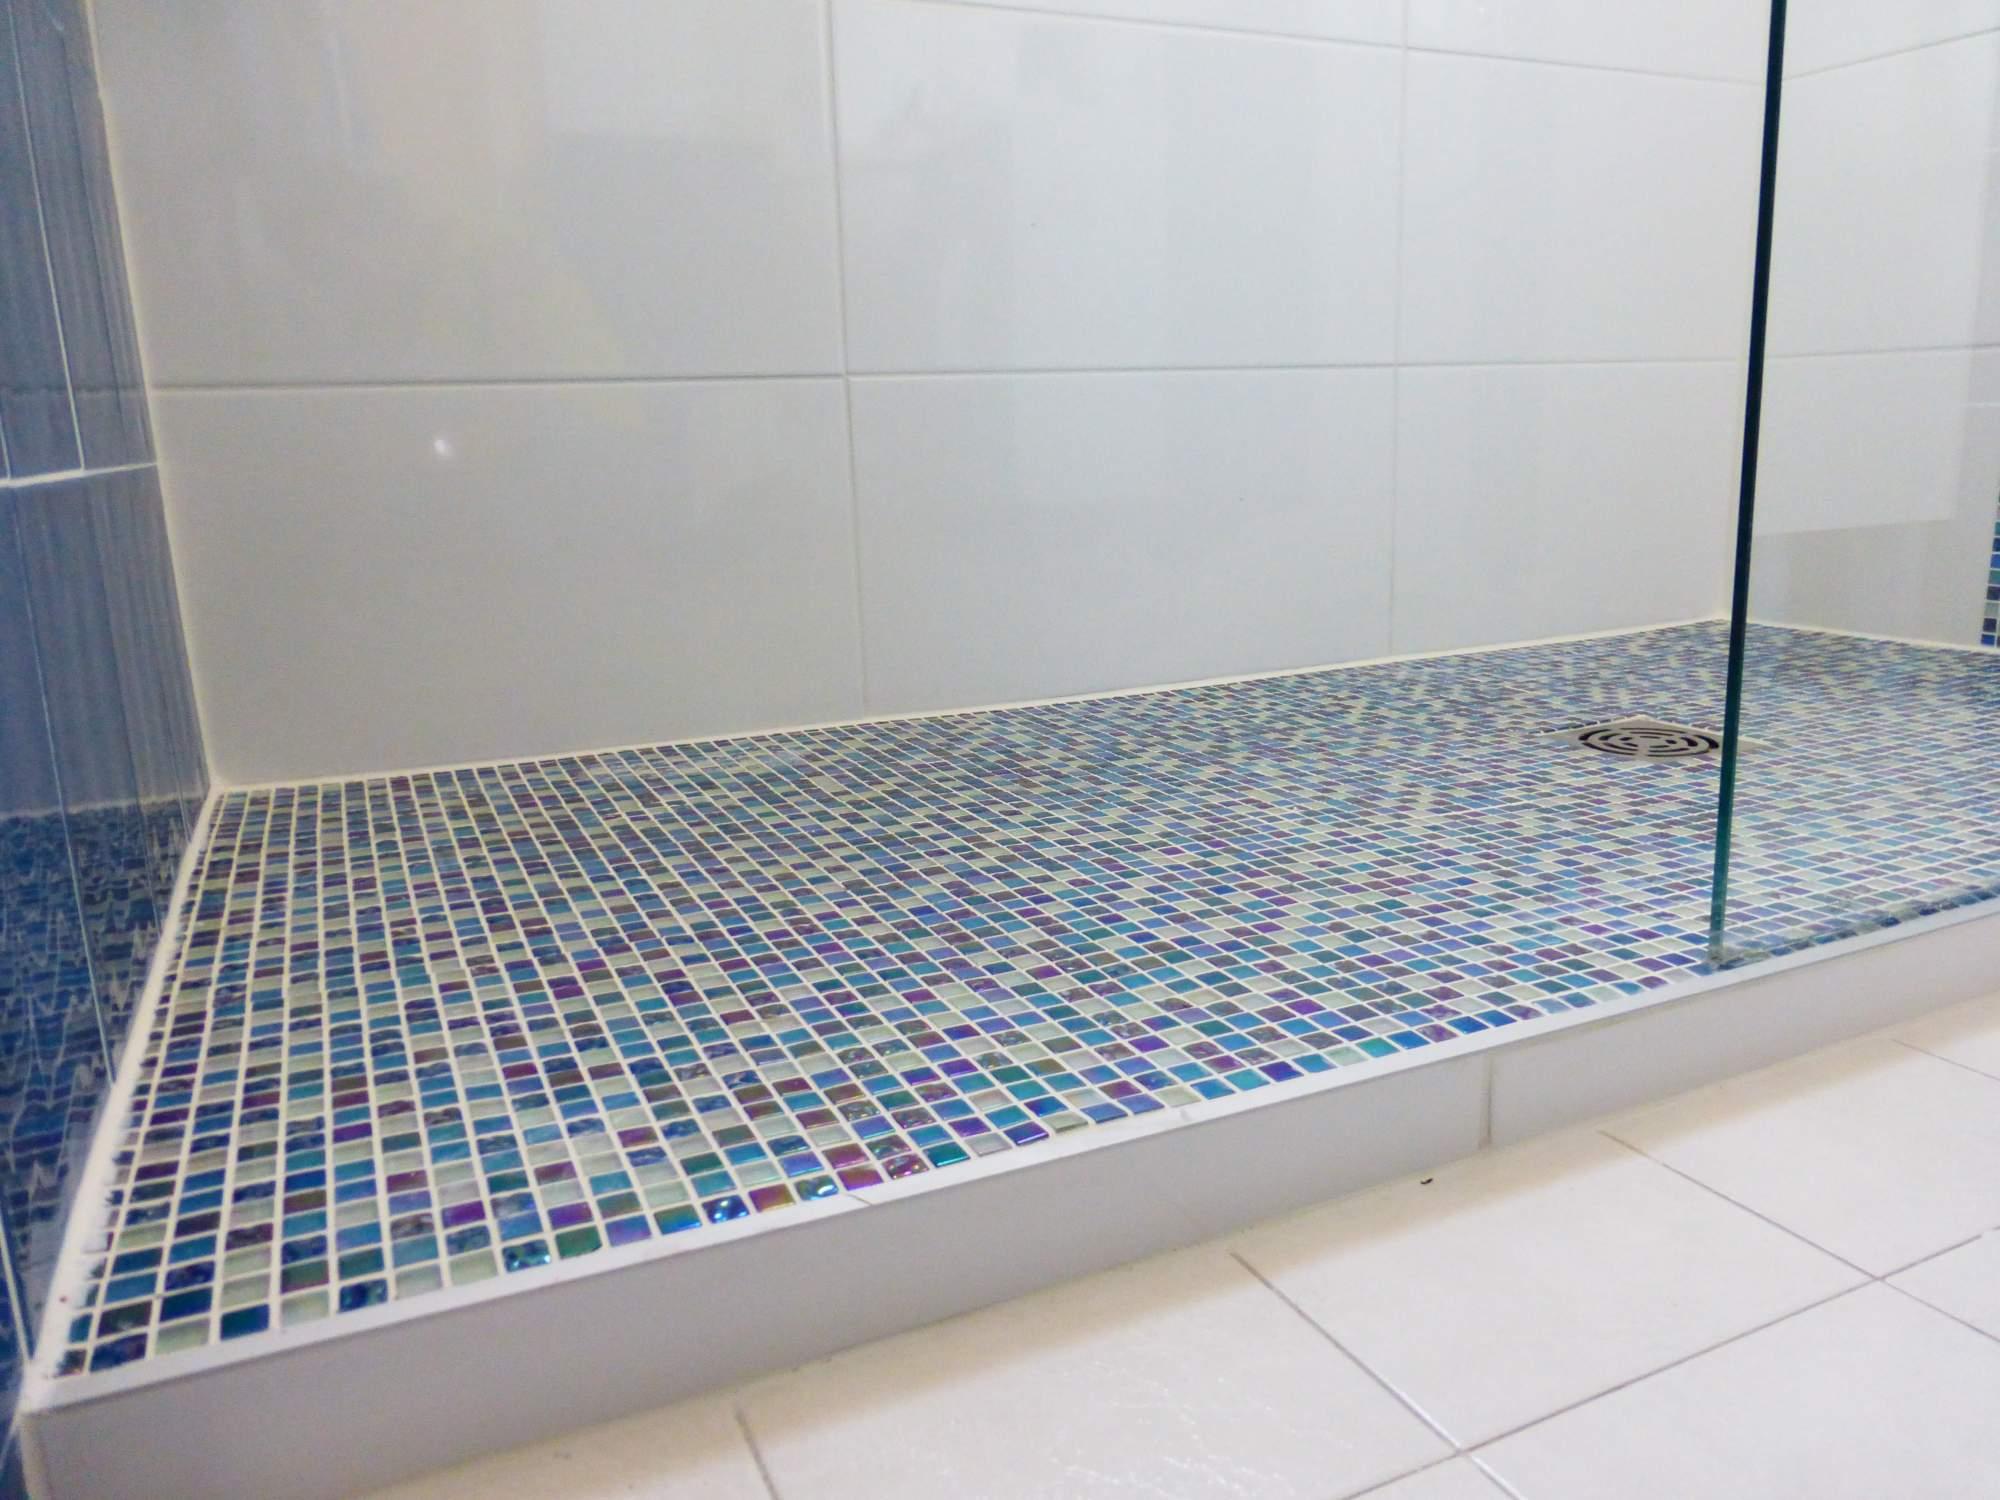 mosaïque pour douche à l'italienne bouche du rhône - carrelage ... - Mosaique Salle De Bain Italienne